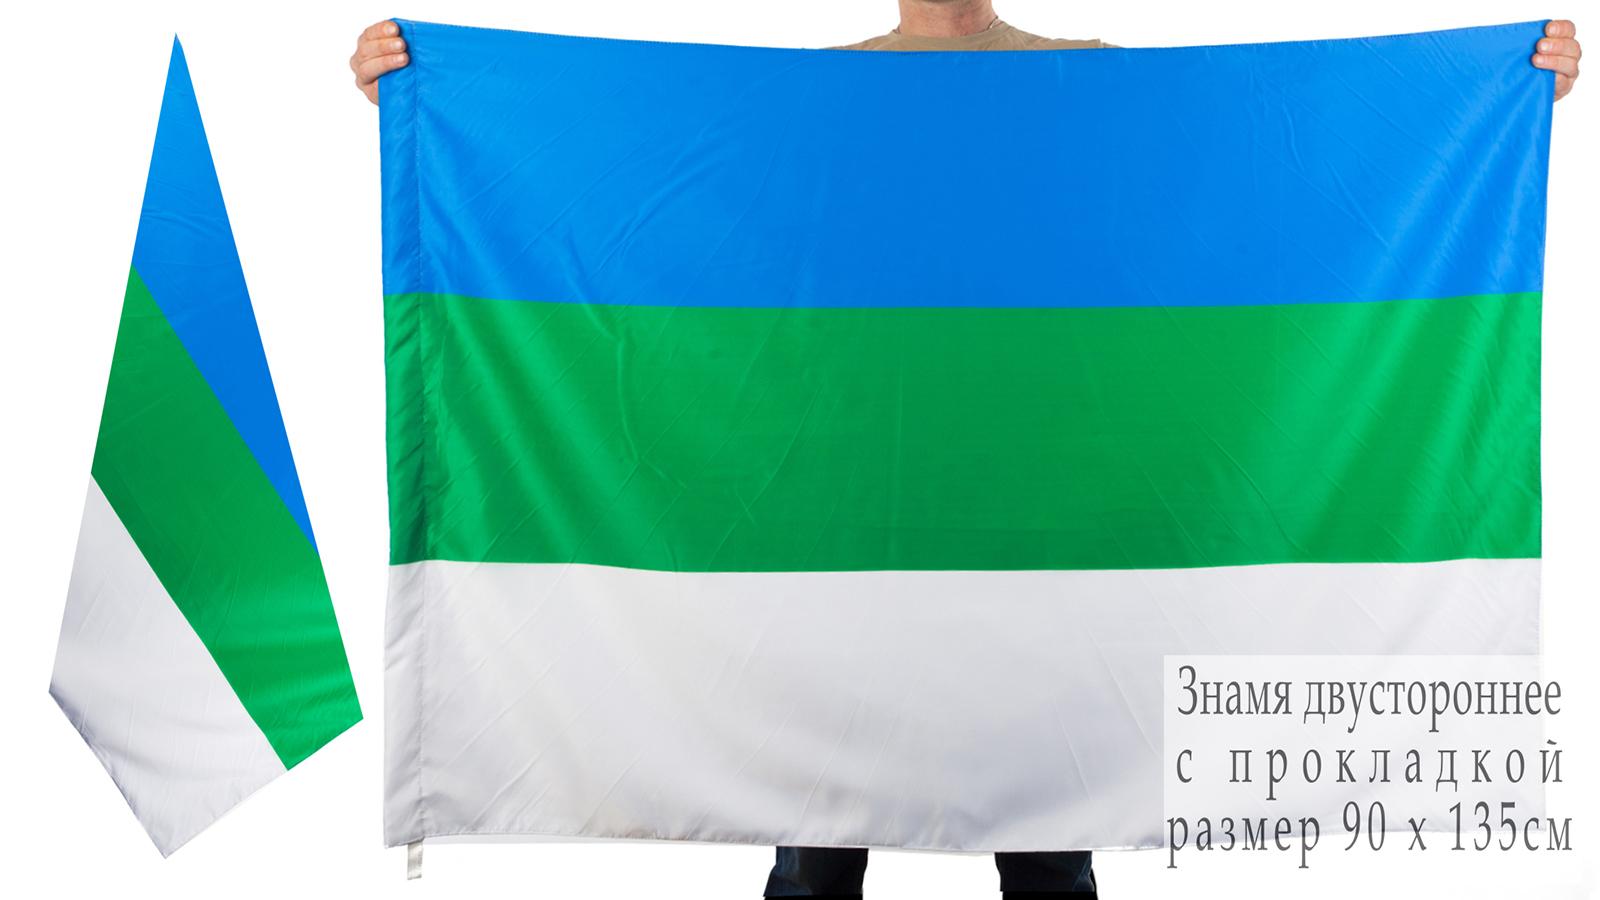 Двухсторонний флаг Республики Коми